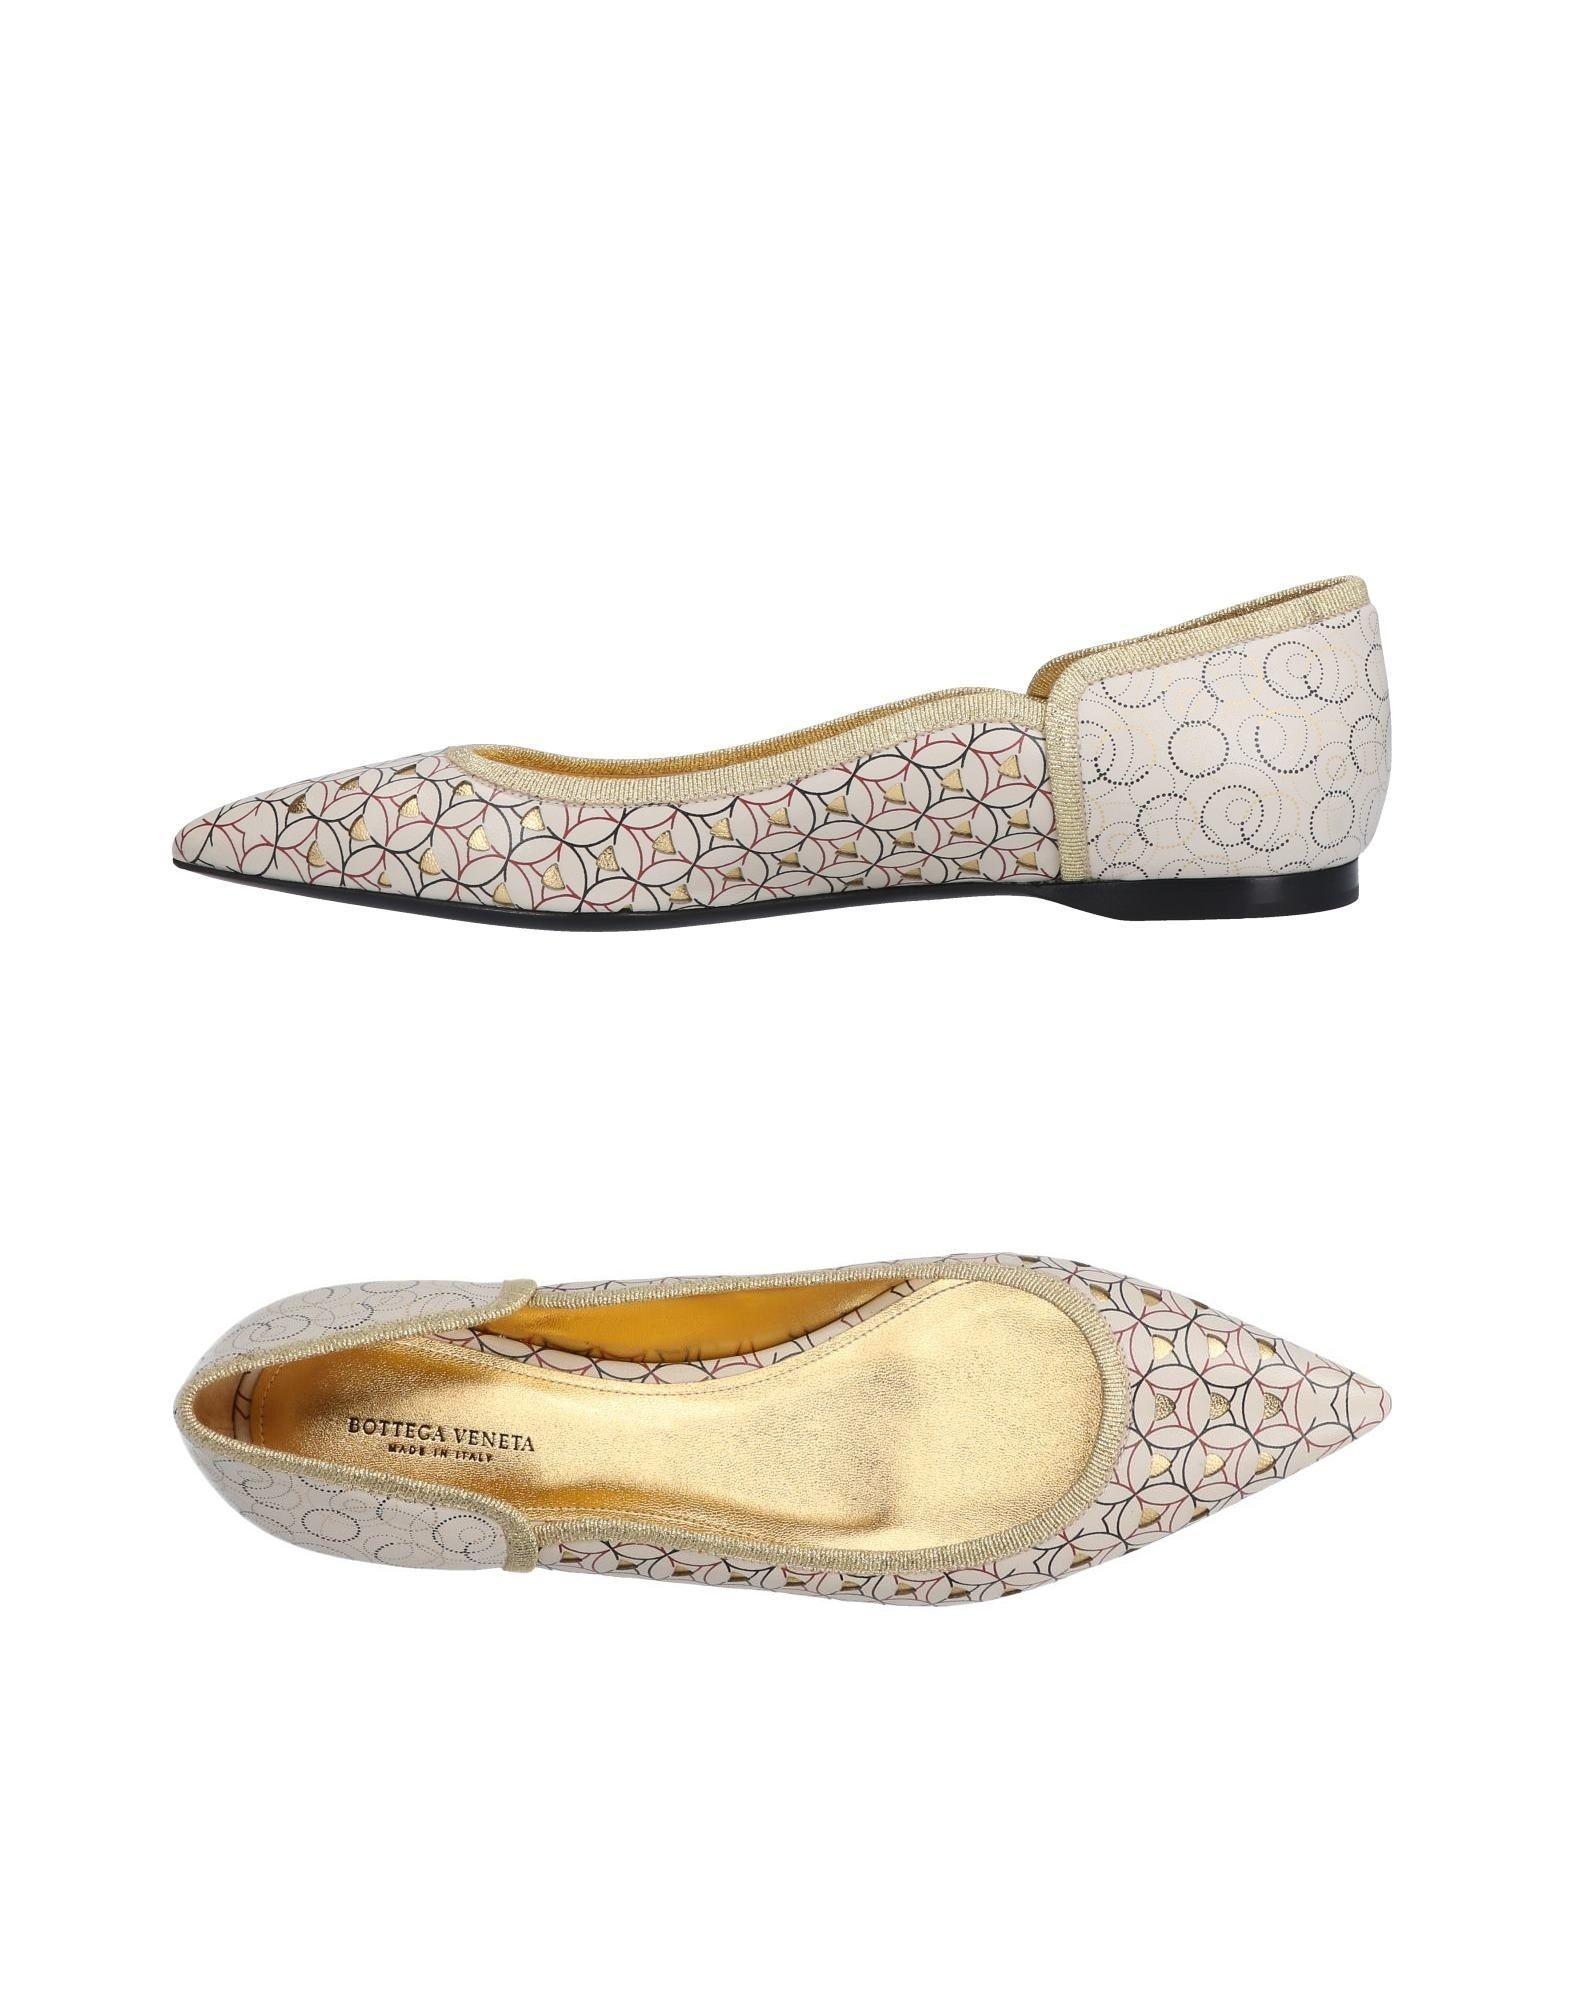 Bottega Veneta Ballet Flats Ballet - Women Bottega Veneta Ballet Flats Flats online on  United Kingdom - 11485048OR bcd95a